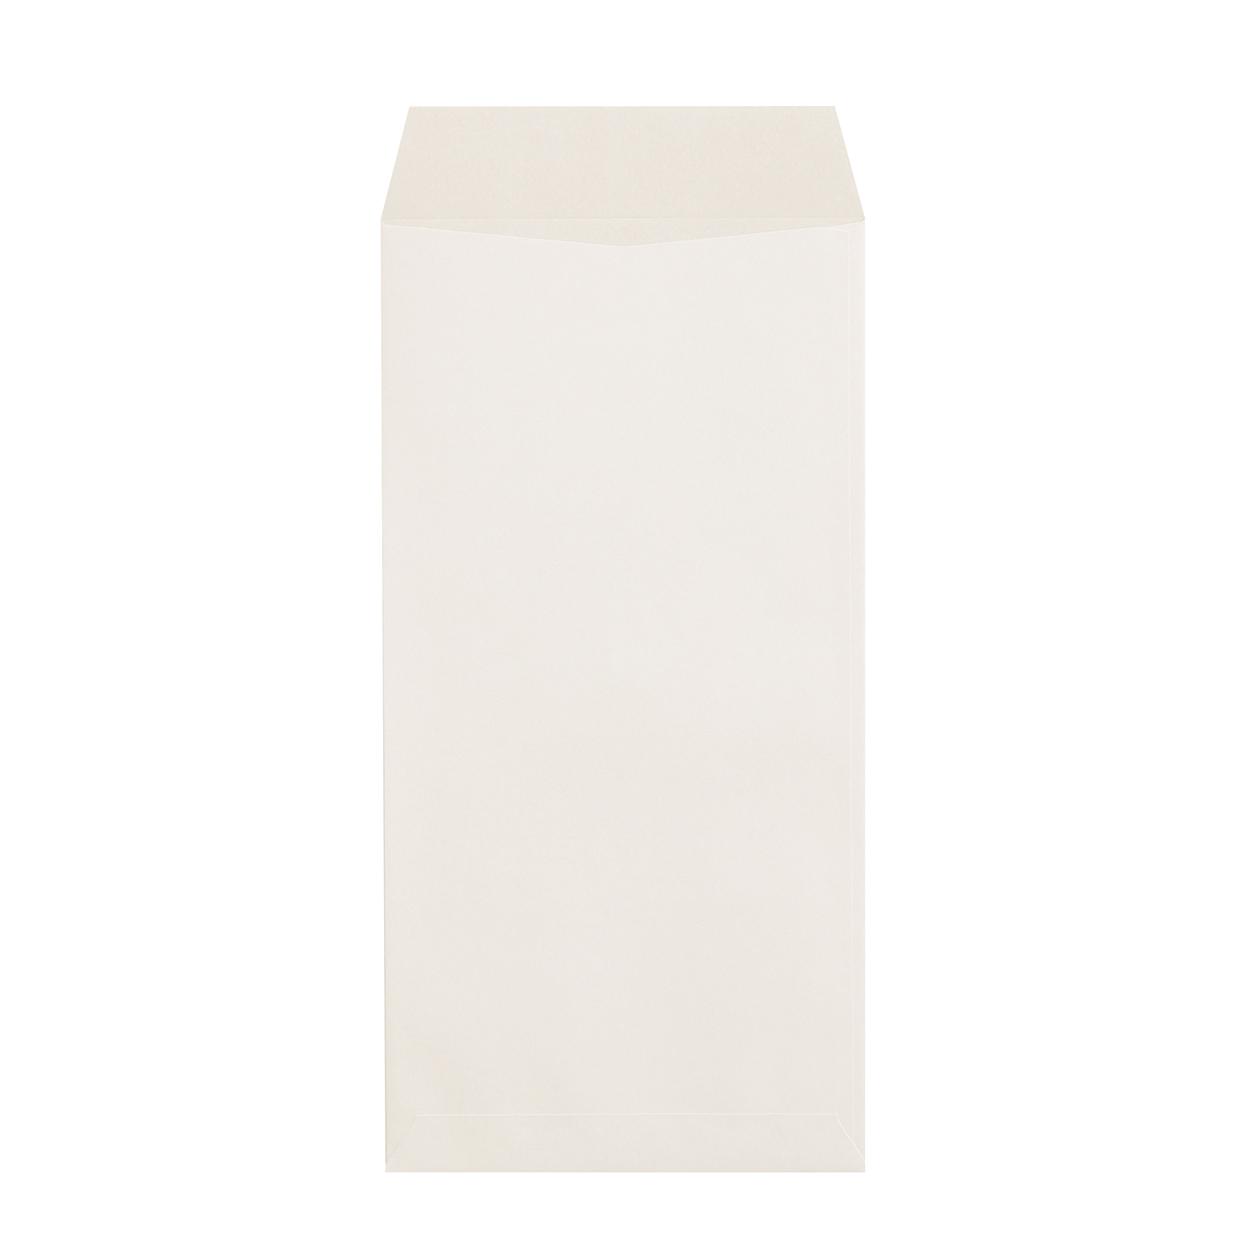 長3封筒 ハーフカラー99 ホワイト 81.4g 郵便枠有